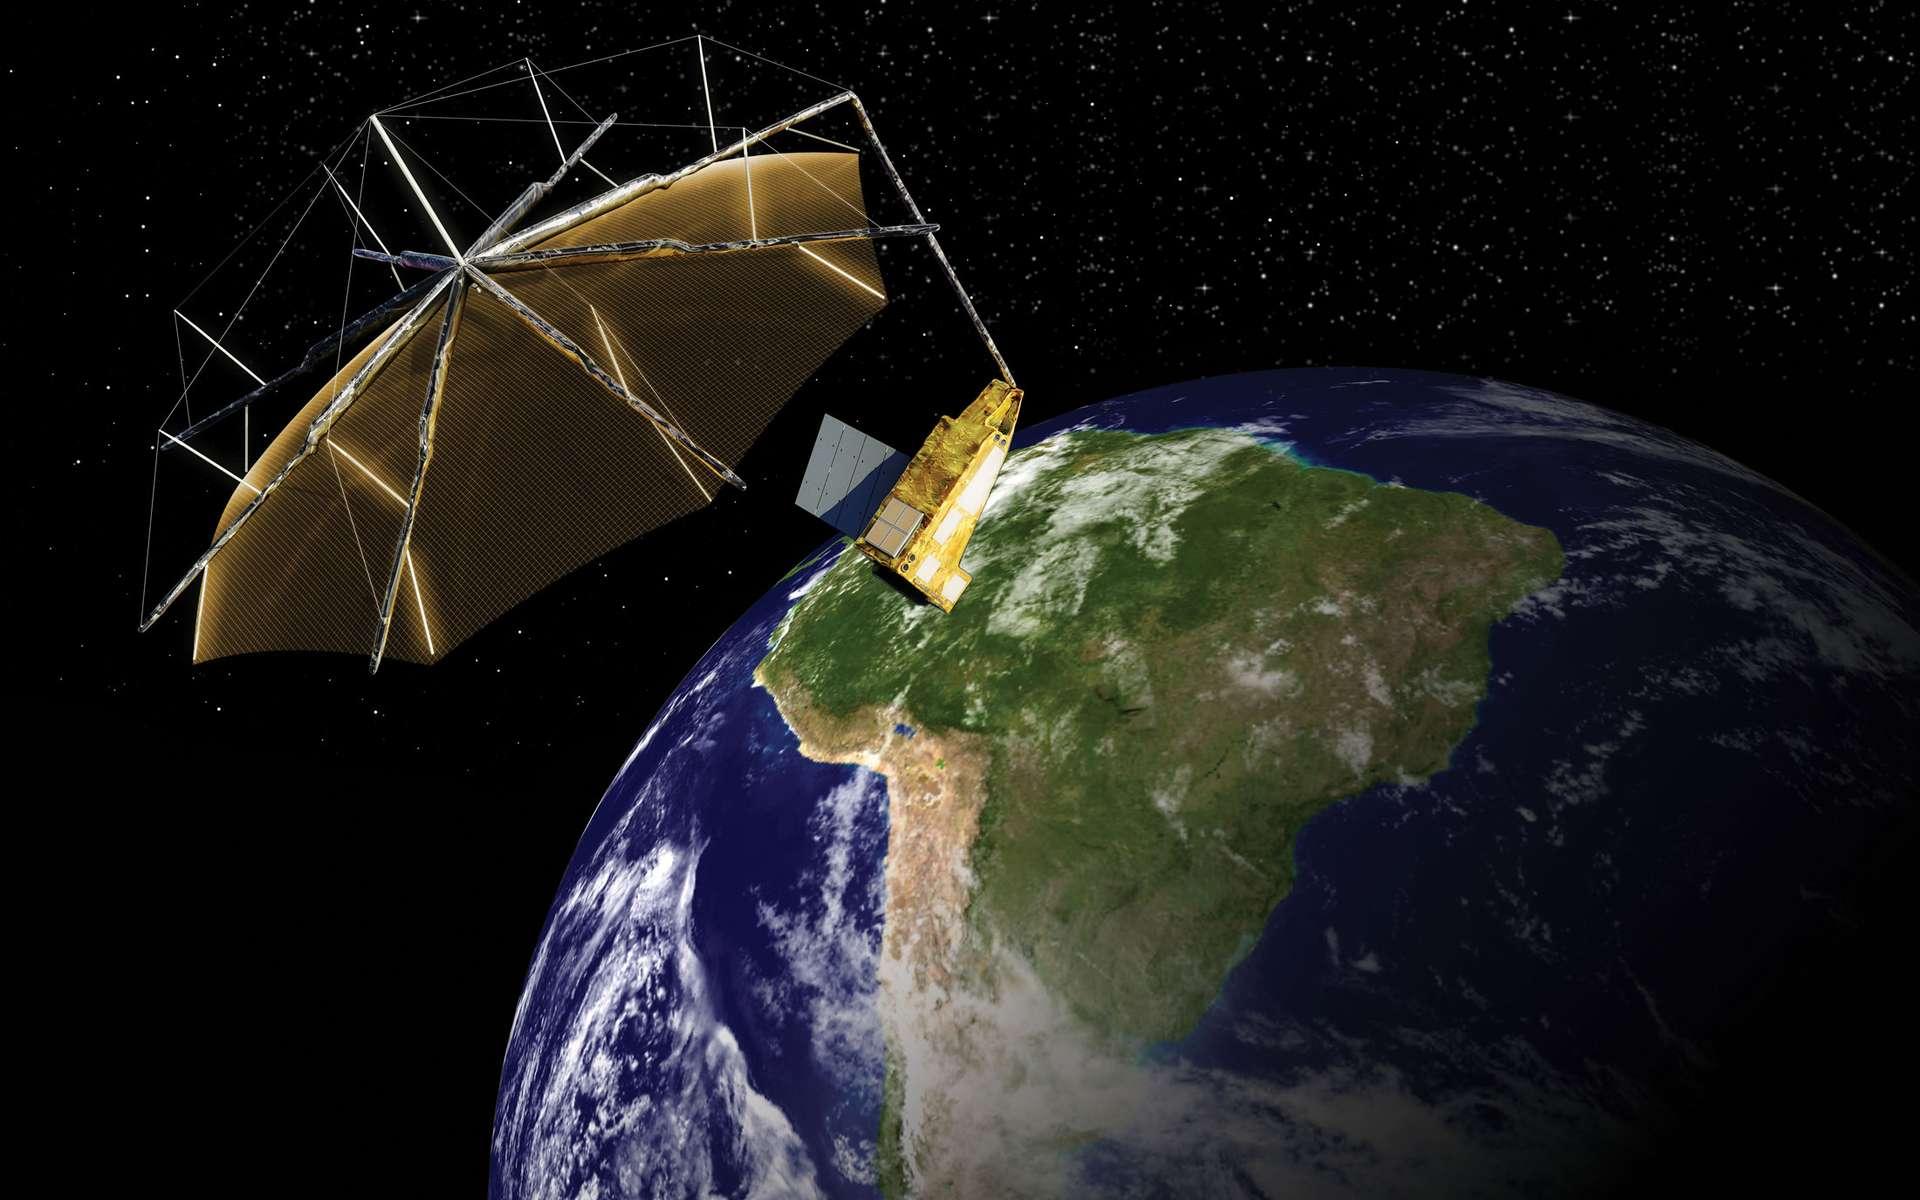 Biomass sera construit autour de la version M de la plateforme AstroBus qui a notamment été utilisée pour les missions Spot 6 et 7, KazEOSat-1, Ingenio et Sentinel-5 Precursor. L'antenne radar de 12 m est un défi technique. Pour le lancement, elle sera pliée dans la coiffe du lanceur et se déploiera en orbite mais avec précaution car le satellite (2 x 4,5 m) est nettement plus petit qu'elle. © Airbus DS